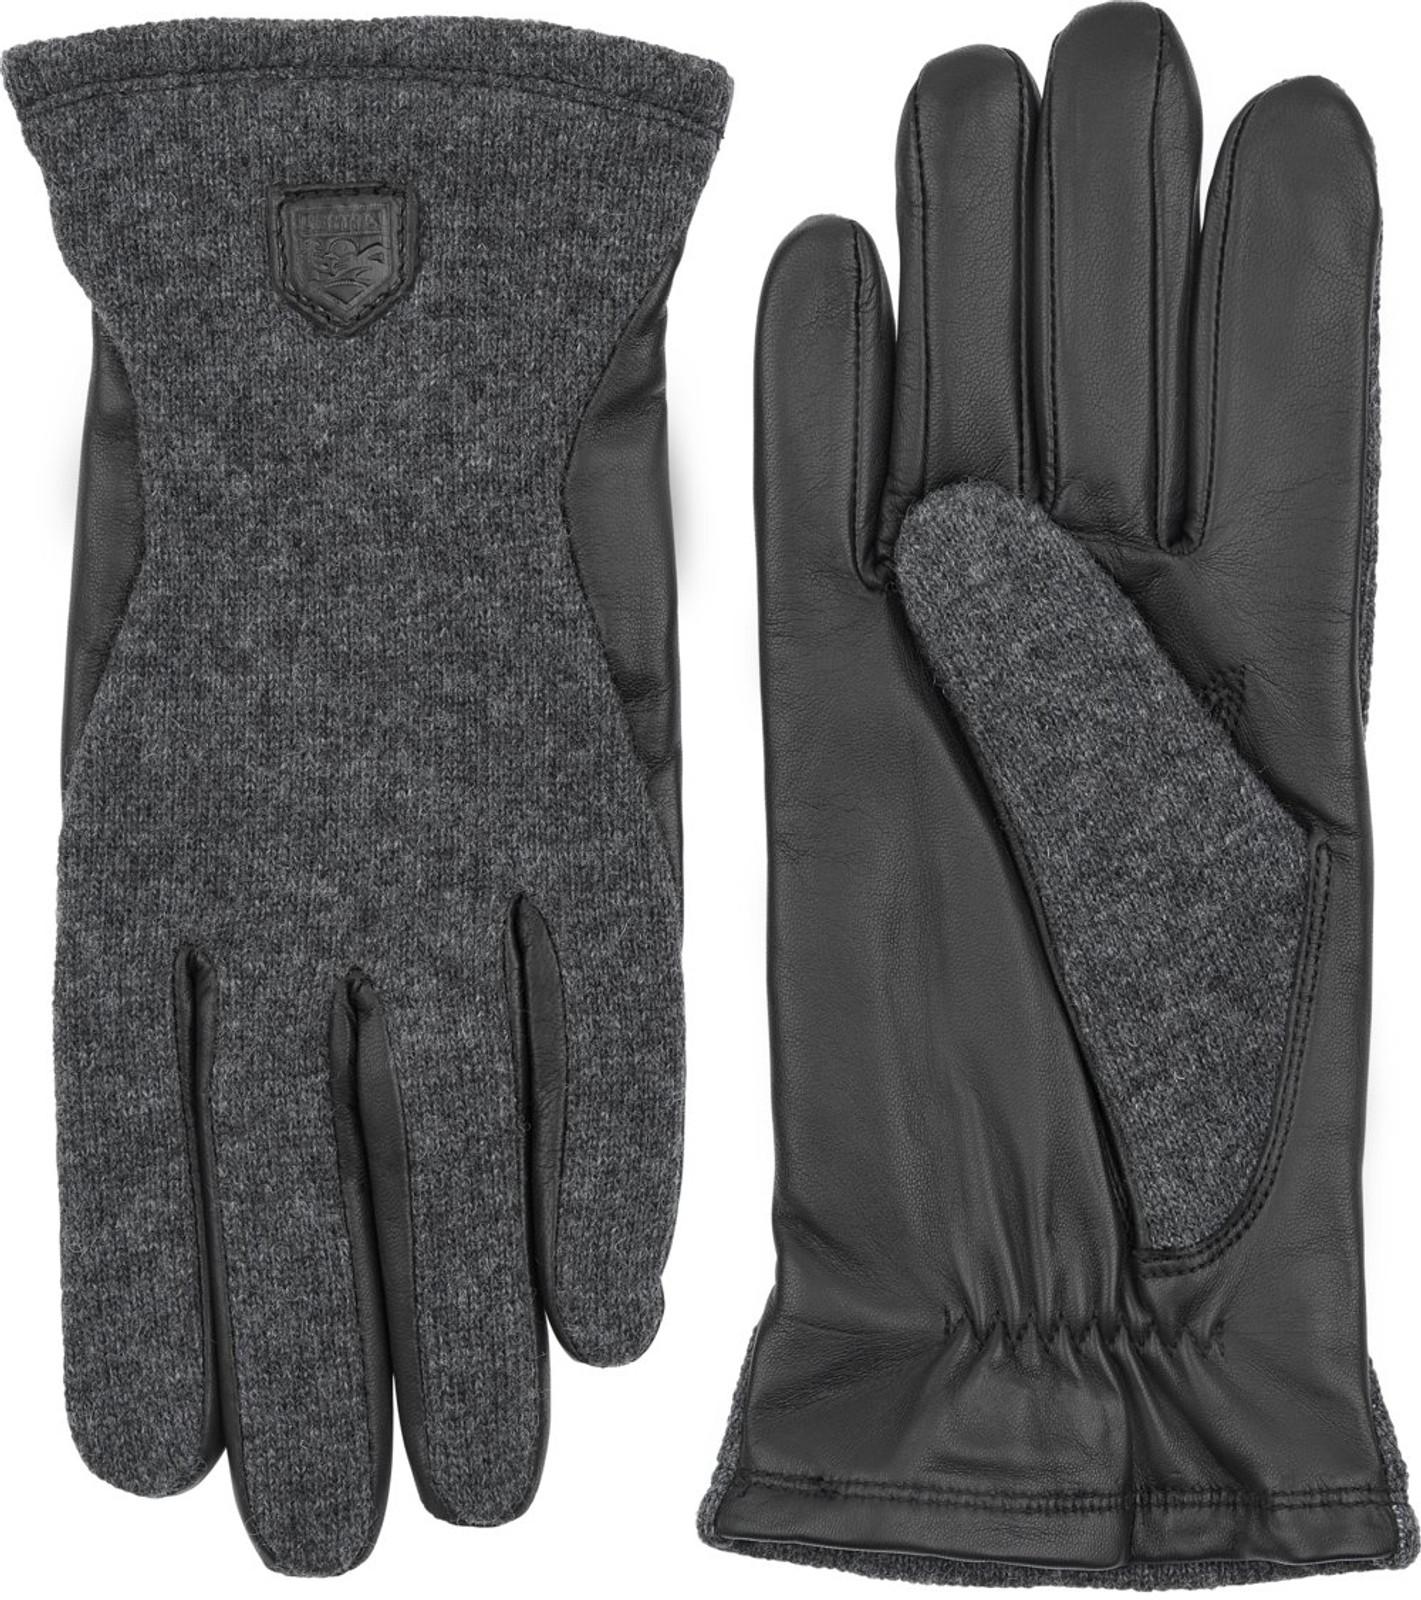 Hestra Hairsheep Wool Tricot Ladies' Gloves, Charcoal/Black